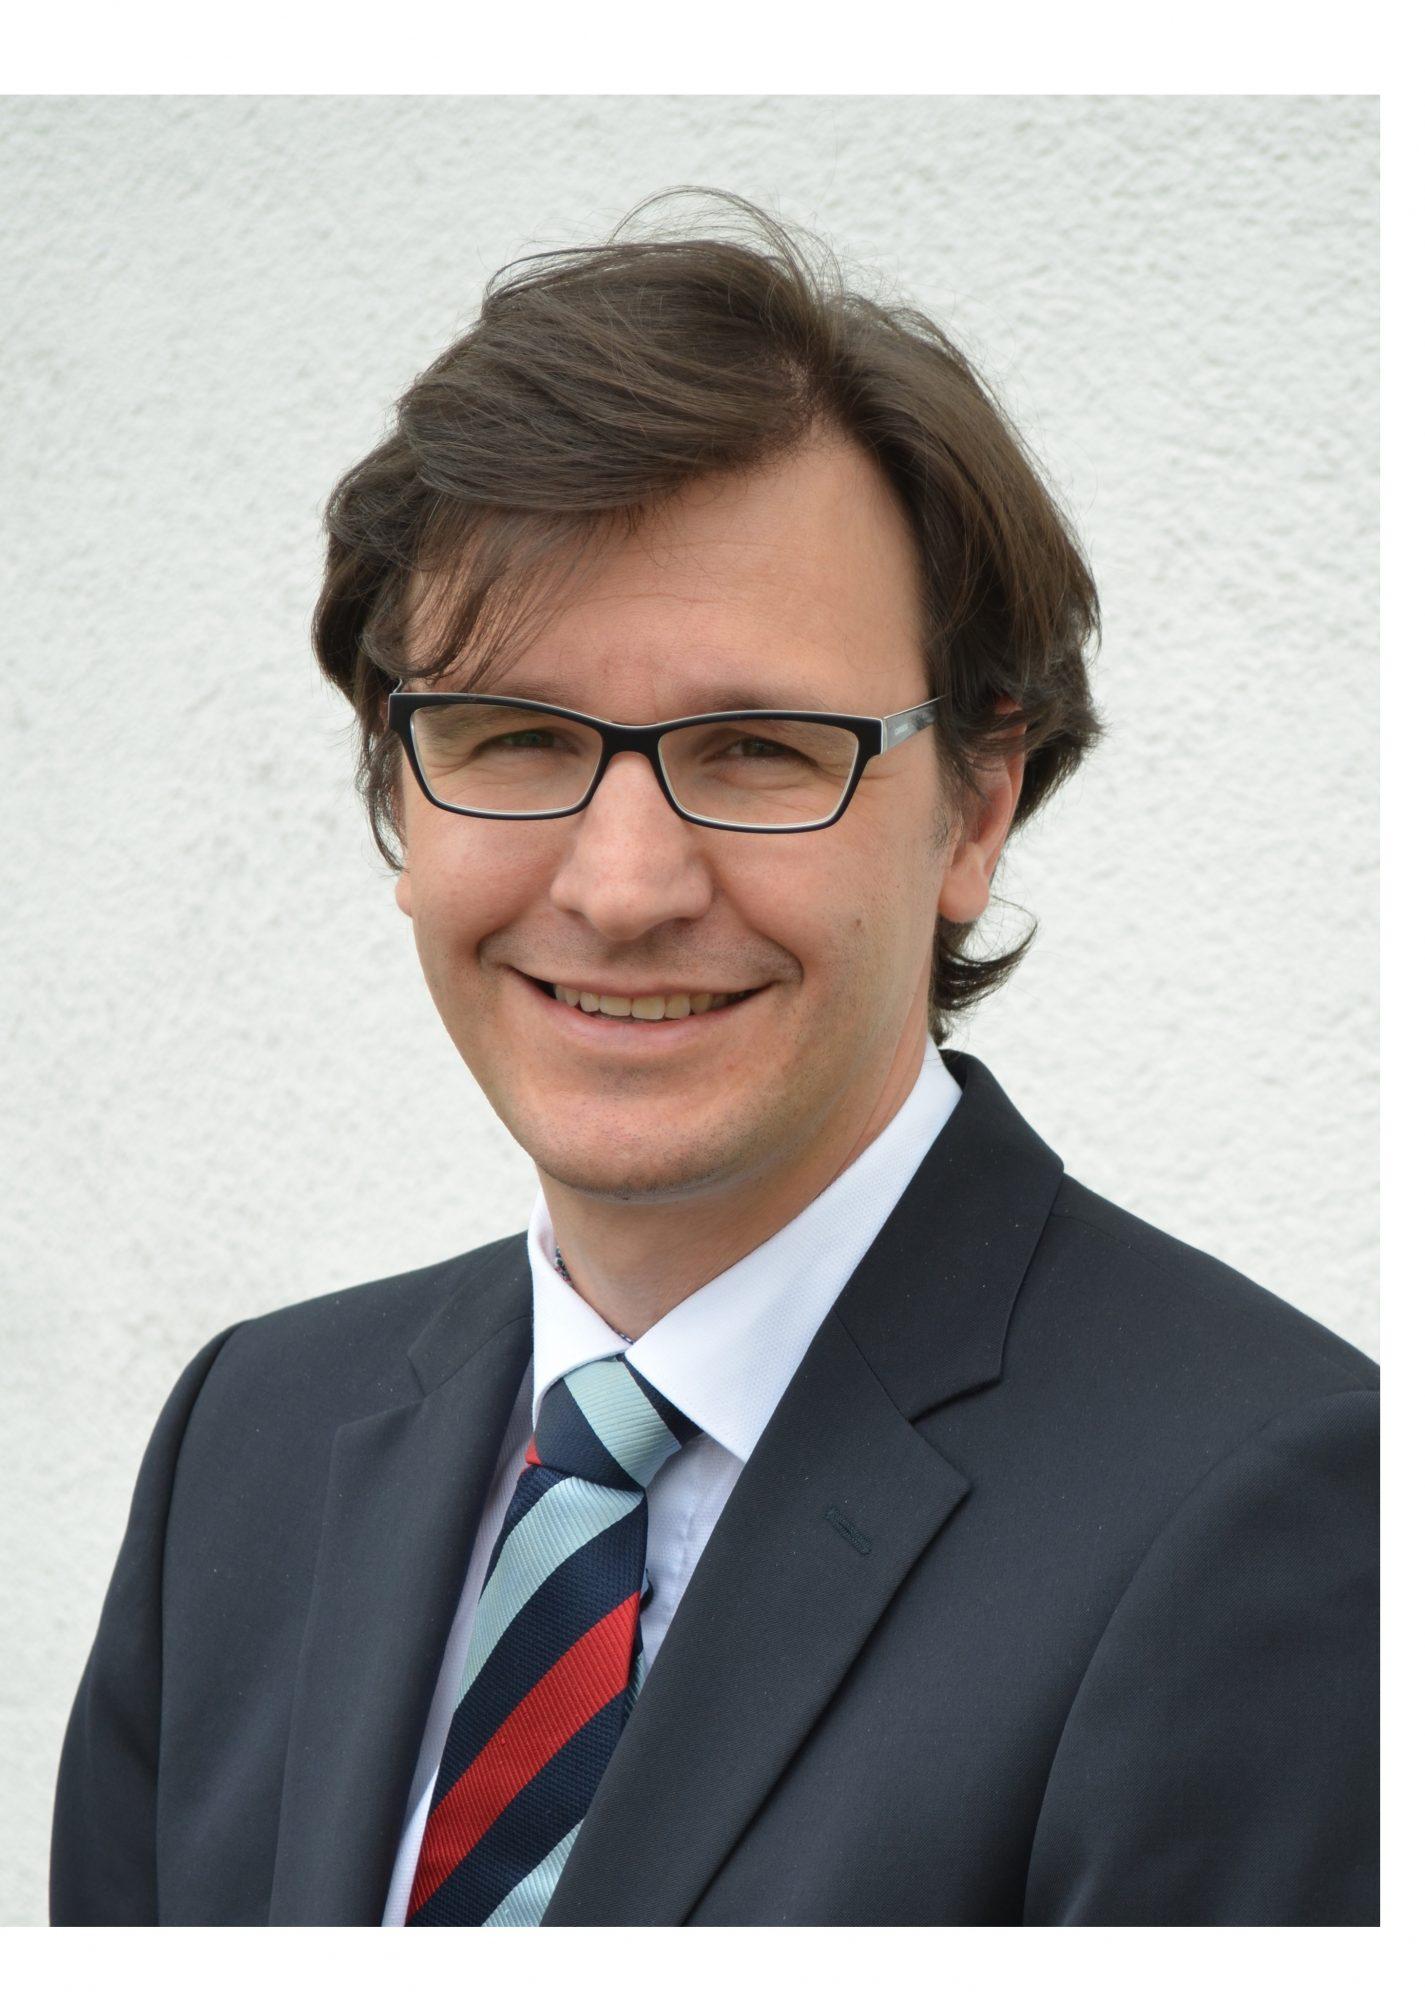 Timur Peters, Gründer und CEO von Debitos im Interview zum Thema Plattform im Kredithandel - Portfoliomanagement